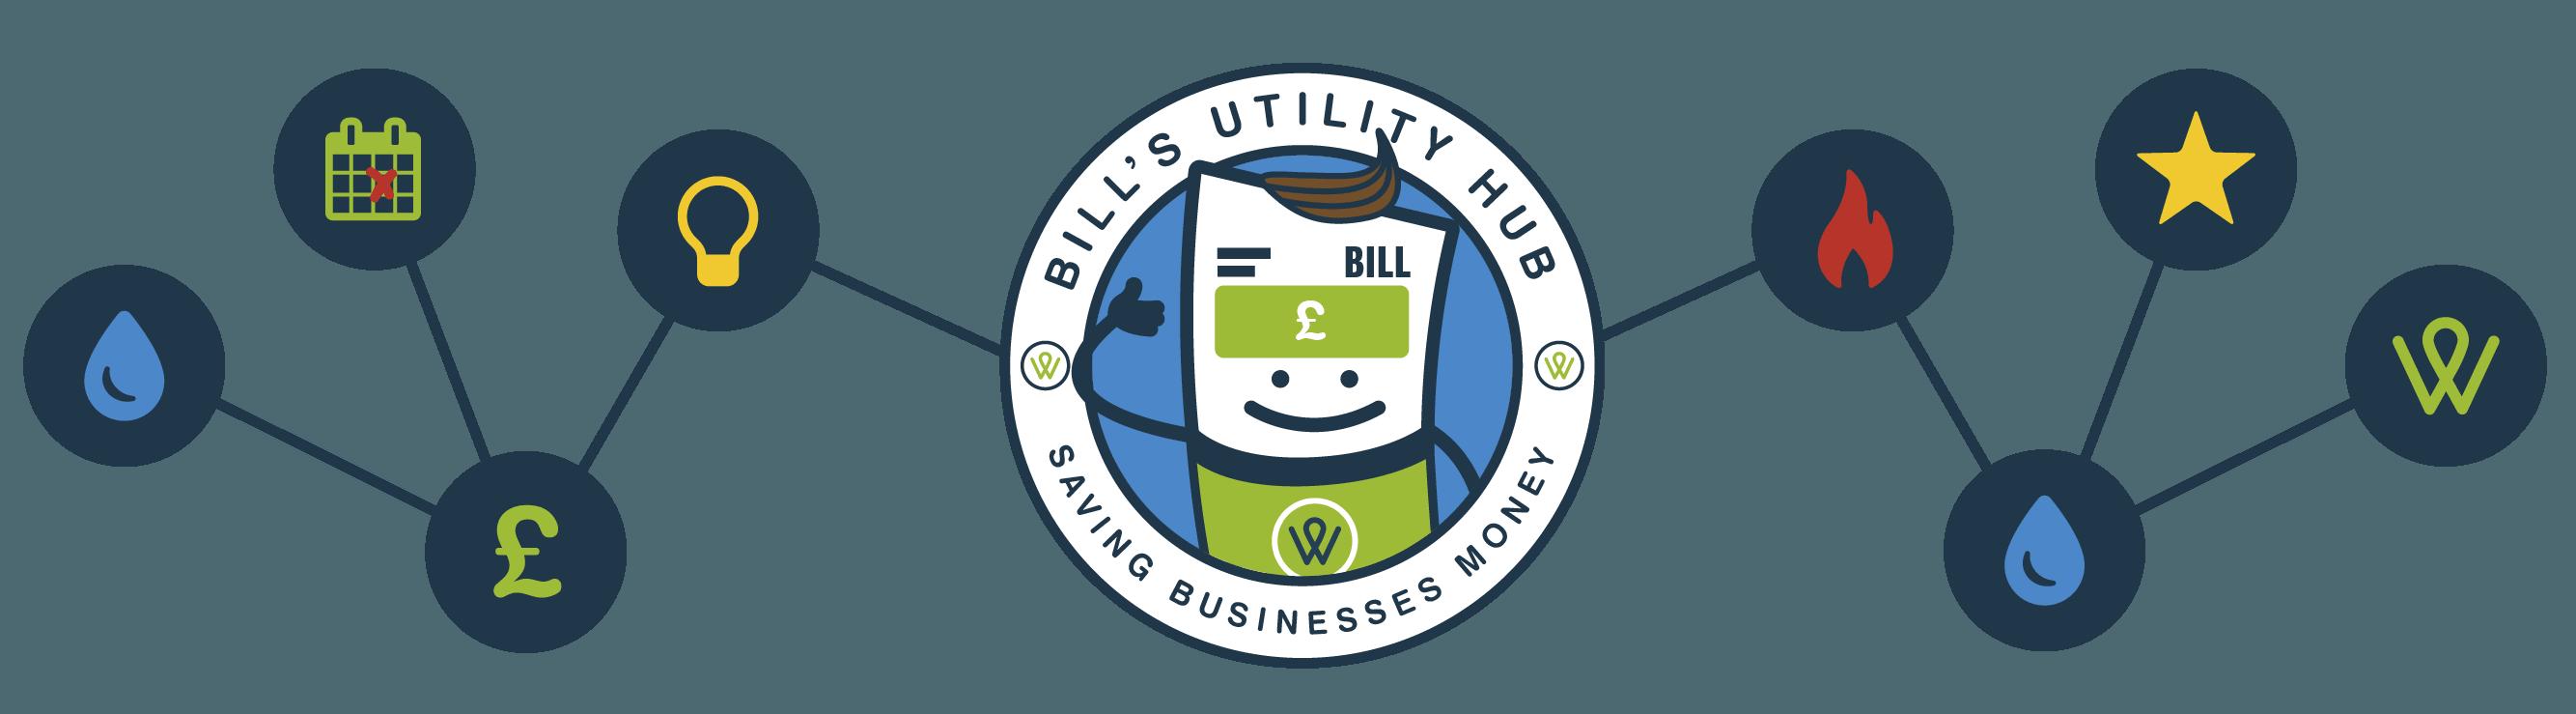 Bill's Utility Hub